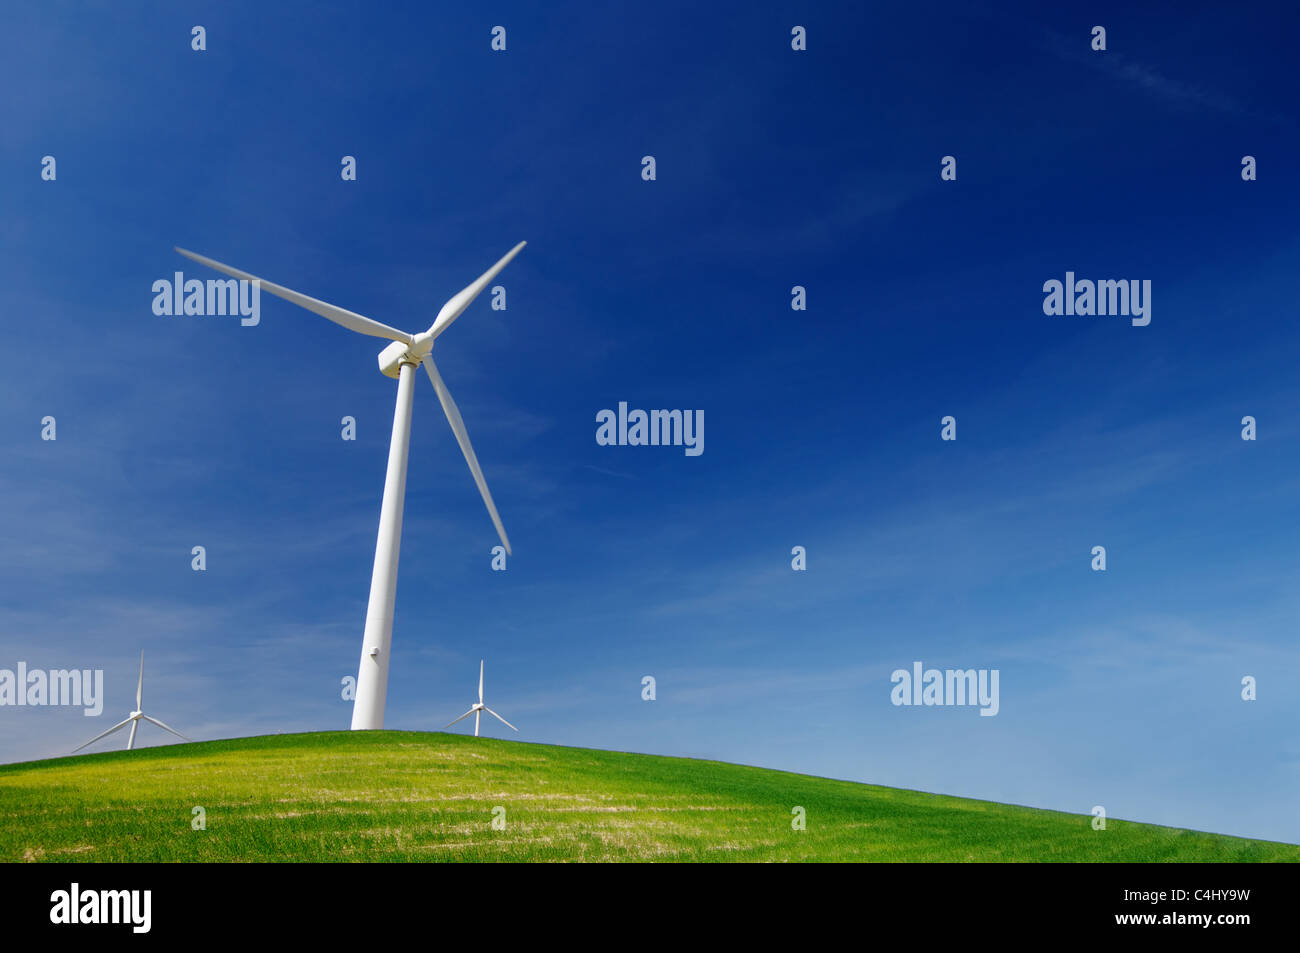 Molinos de viento en una colina verde con cielo azul Imagen De Stock